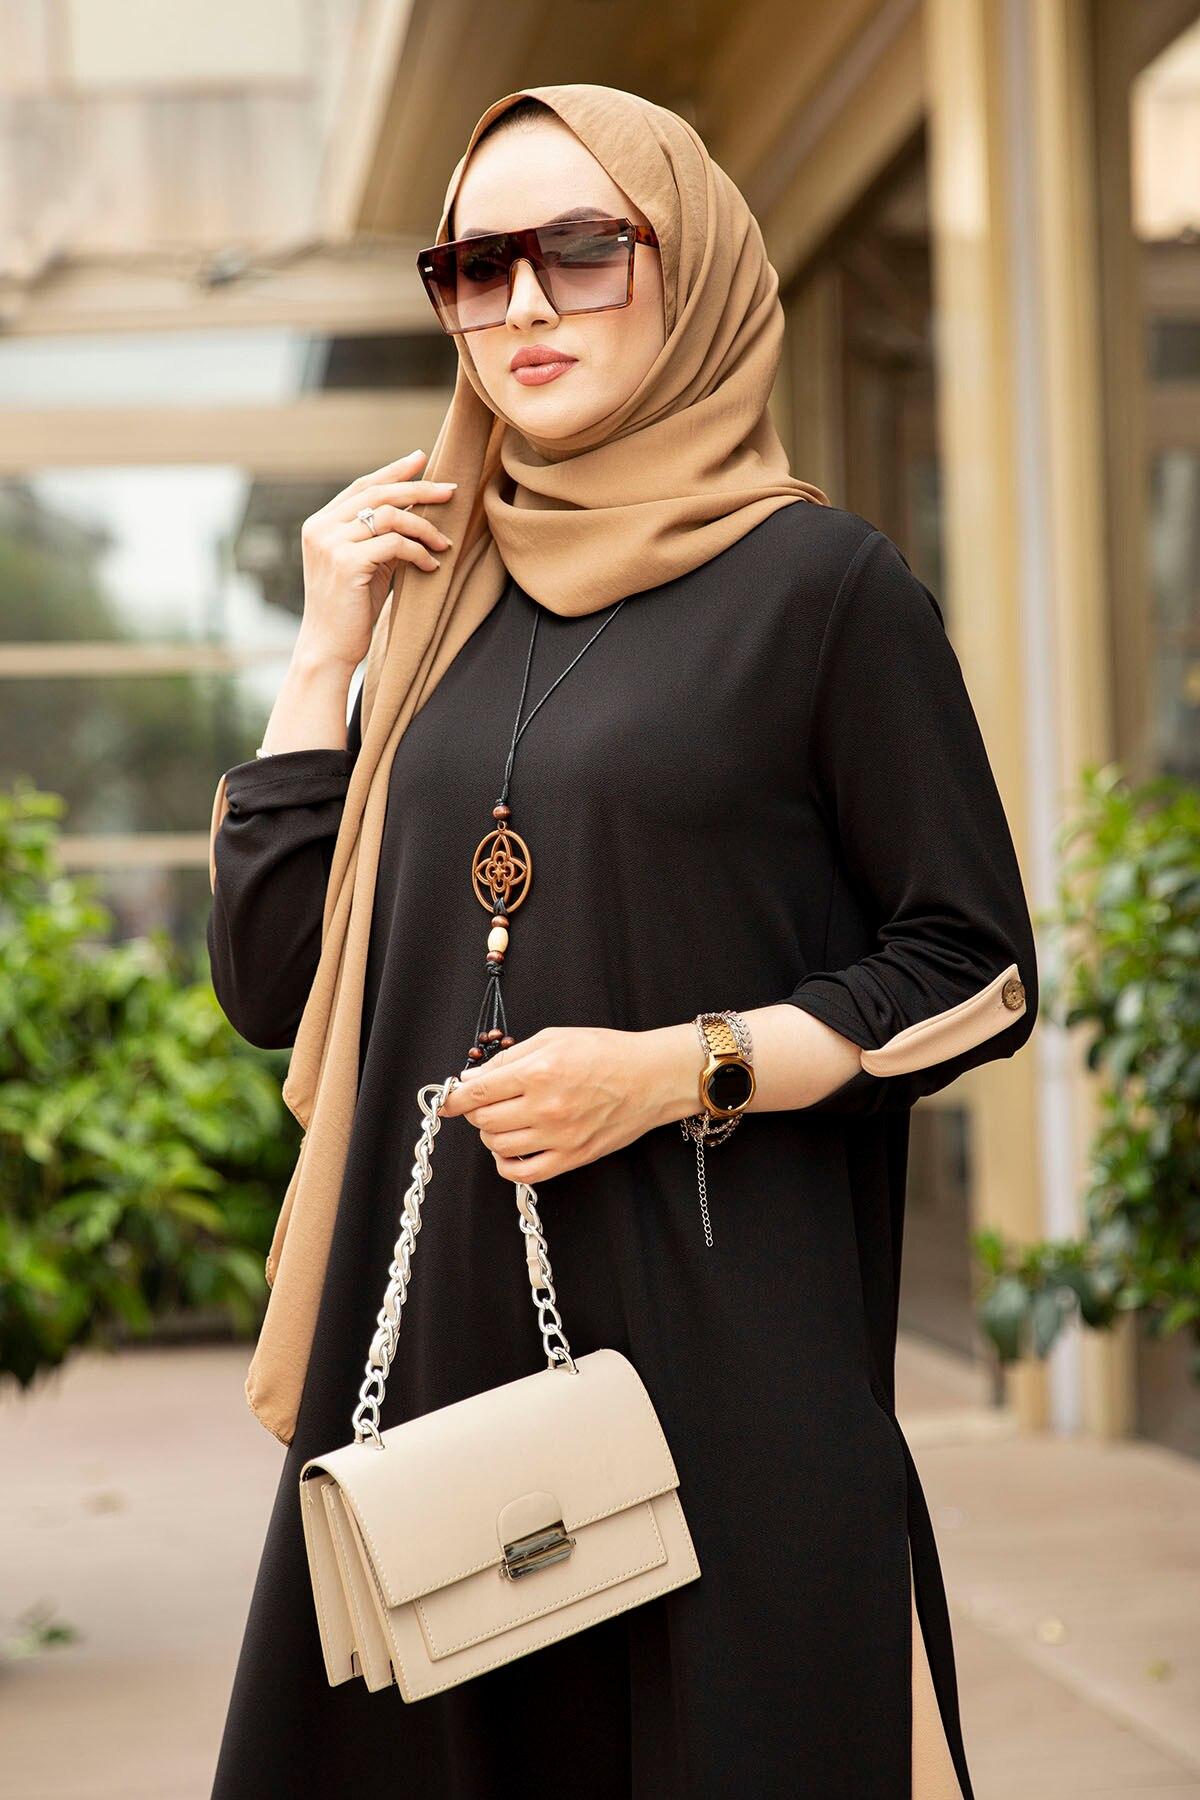 مجموعة ملابس إسلامية من 3 قطع من ماغنوليا إسلامية تركية ملابس إسلامية استانبولستايل دبي اسطنبول 2021